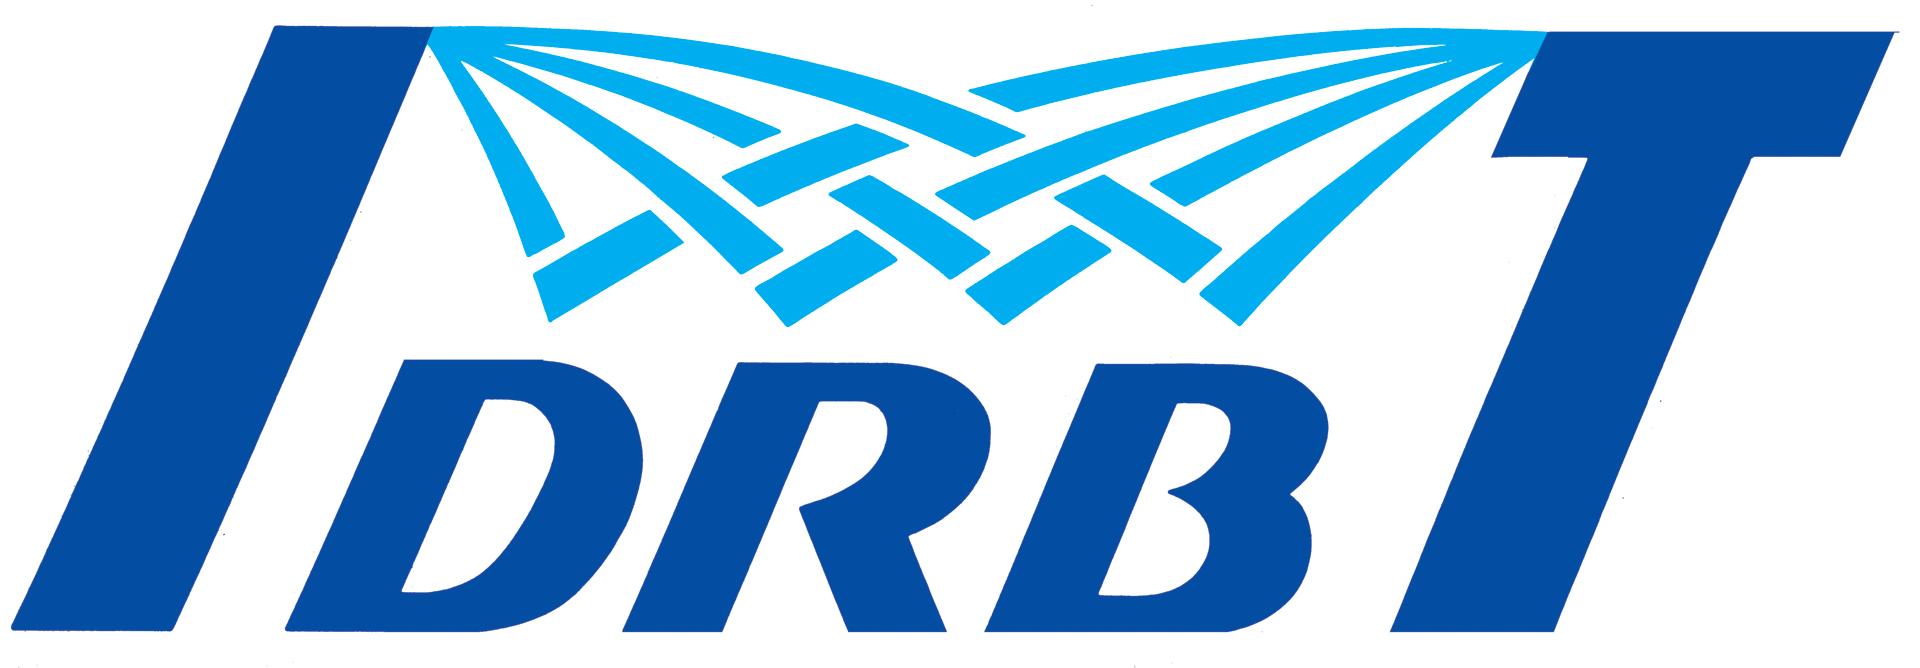 IDRBT